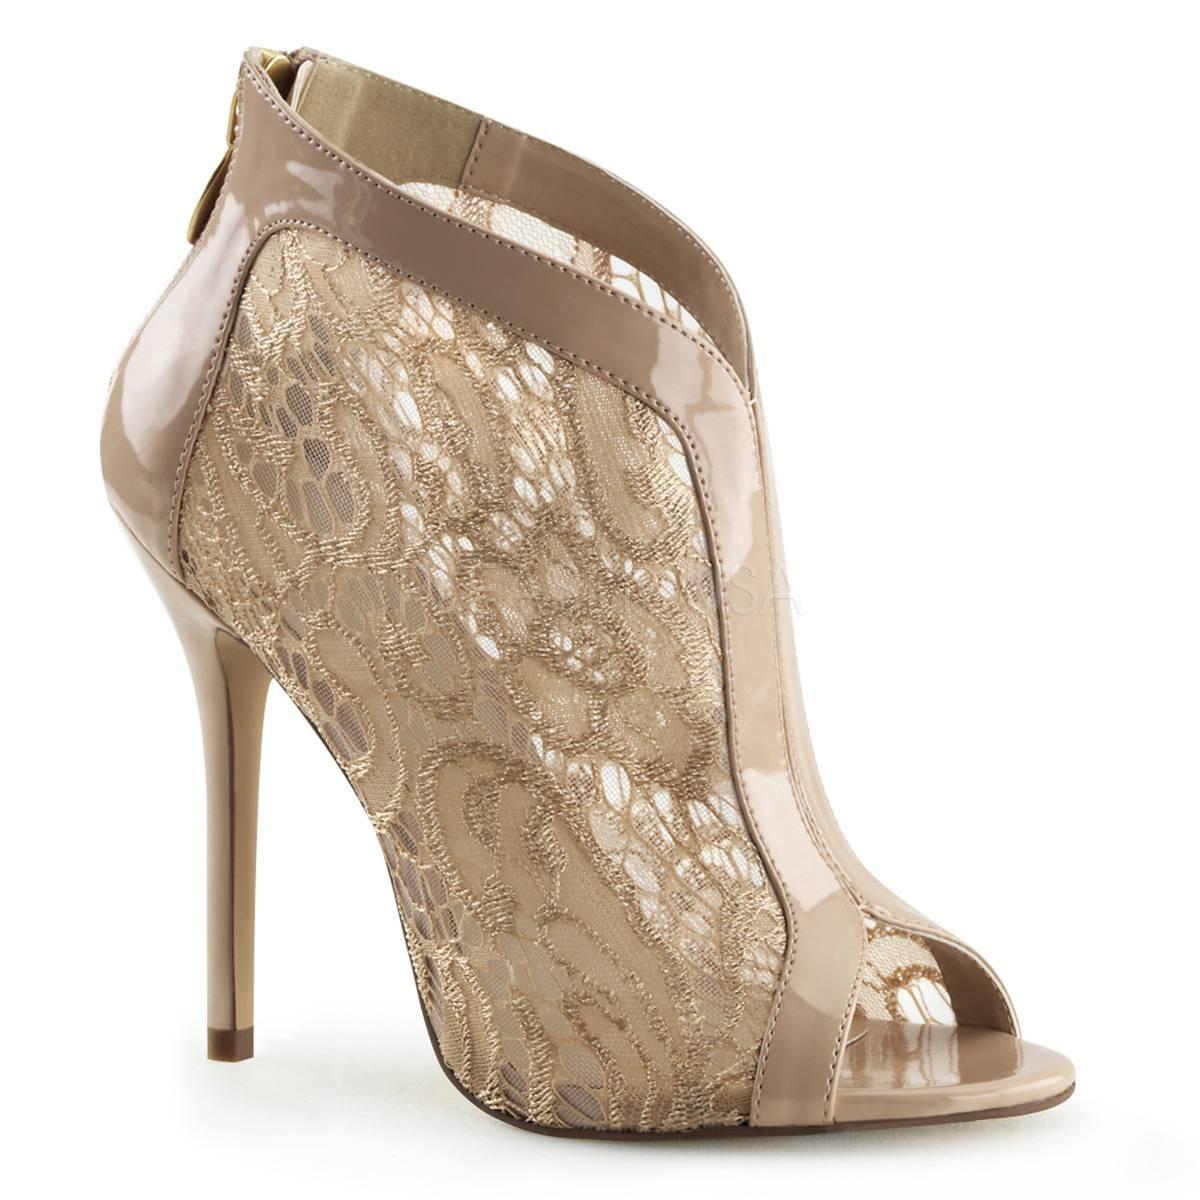 Highheels für Frauen - AMUSE 48 ° Damen Peep Toe Stiefelette ° Beige Glänzend ° Fabulicious  - Onlineshop RedSixty